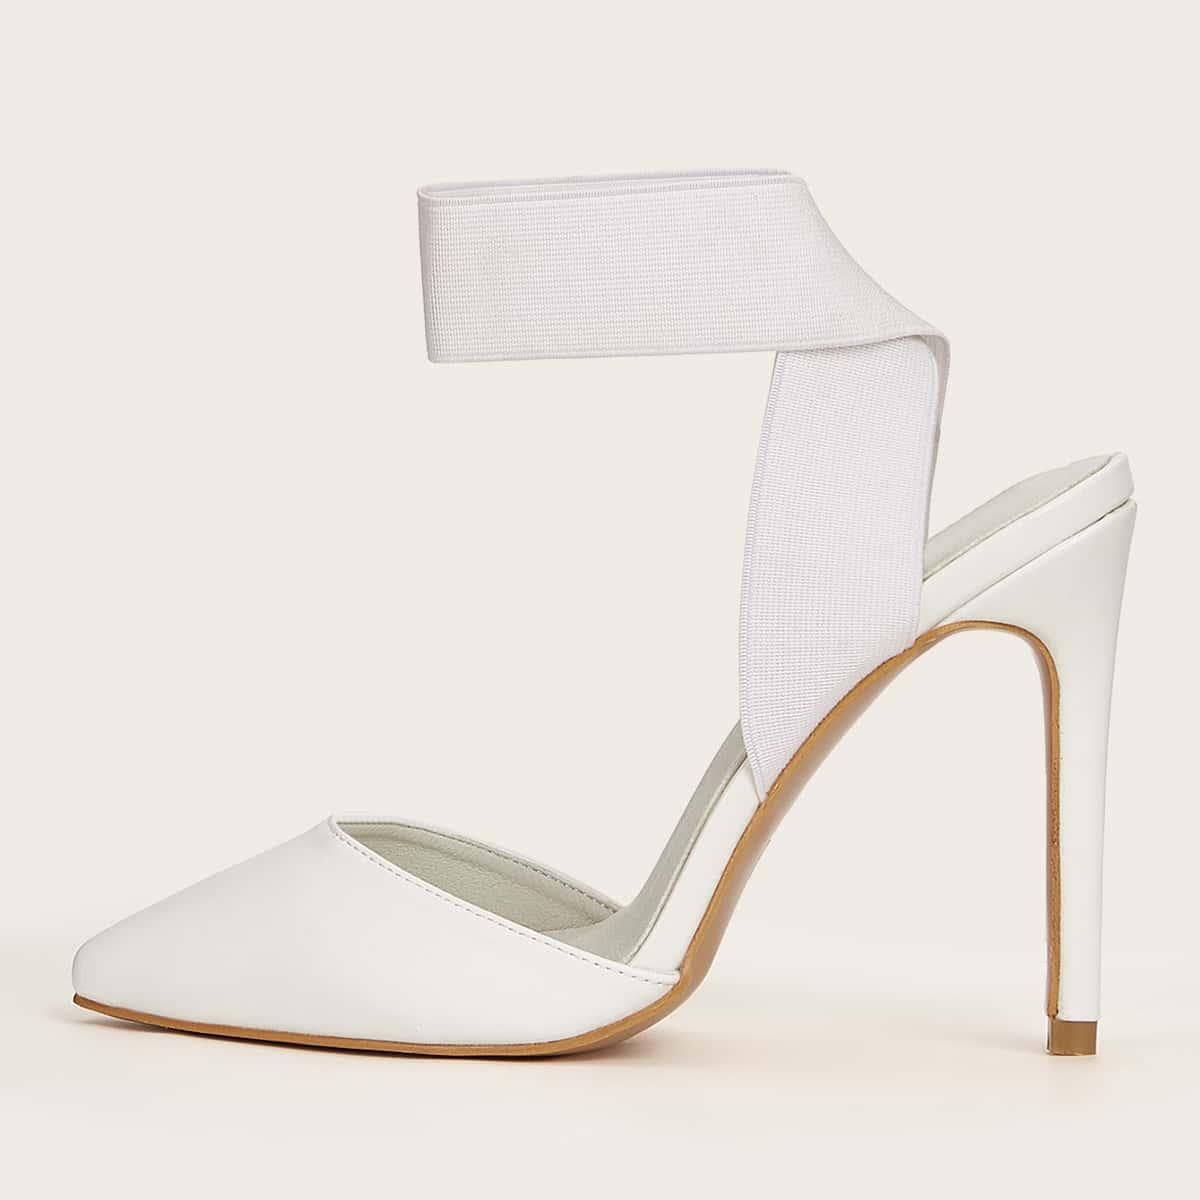 Point Toe Stiletto Heels